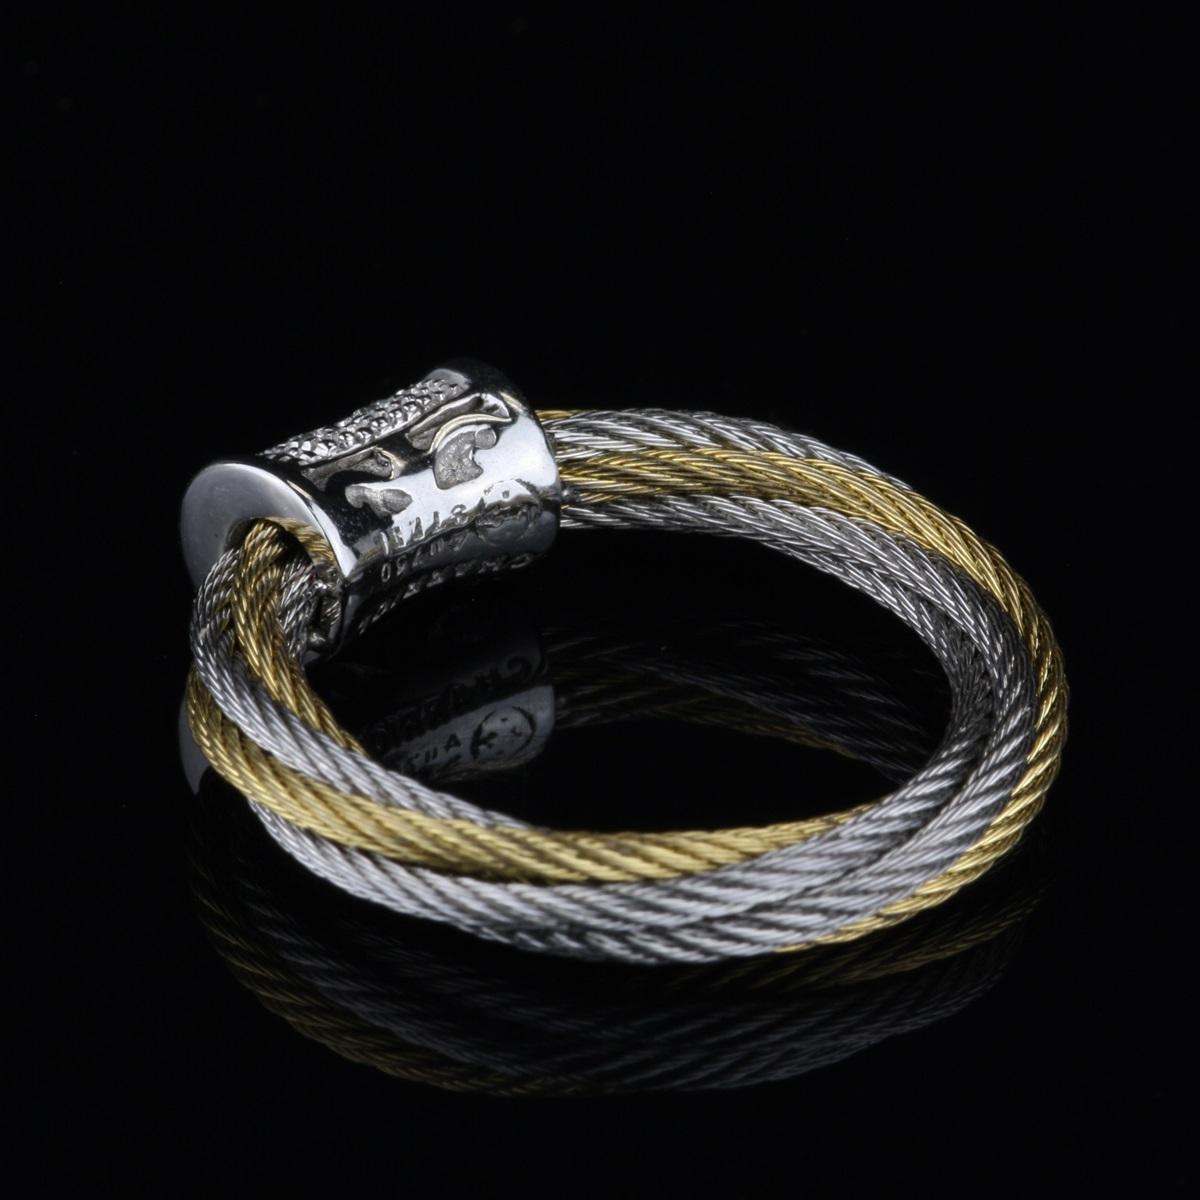 Pre-Owned Charriol 18 Karat White Gold Ring